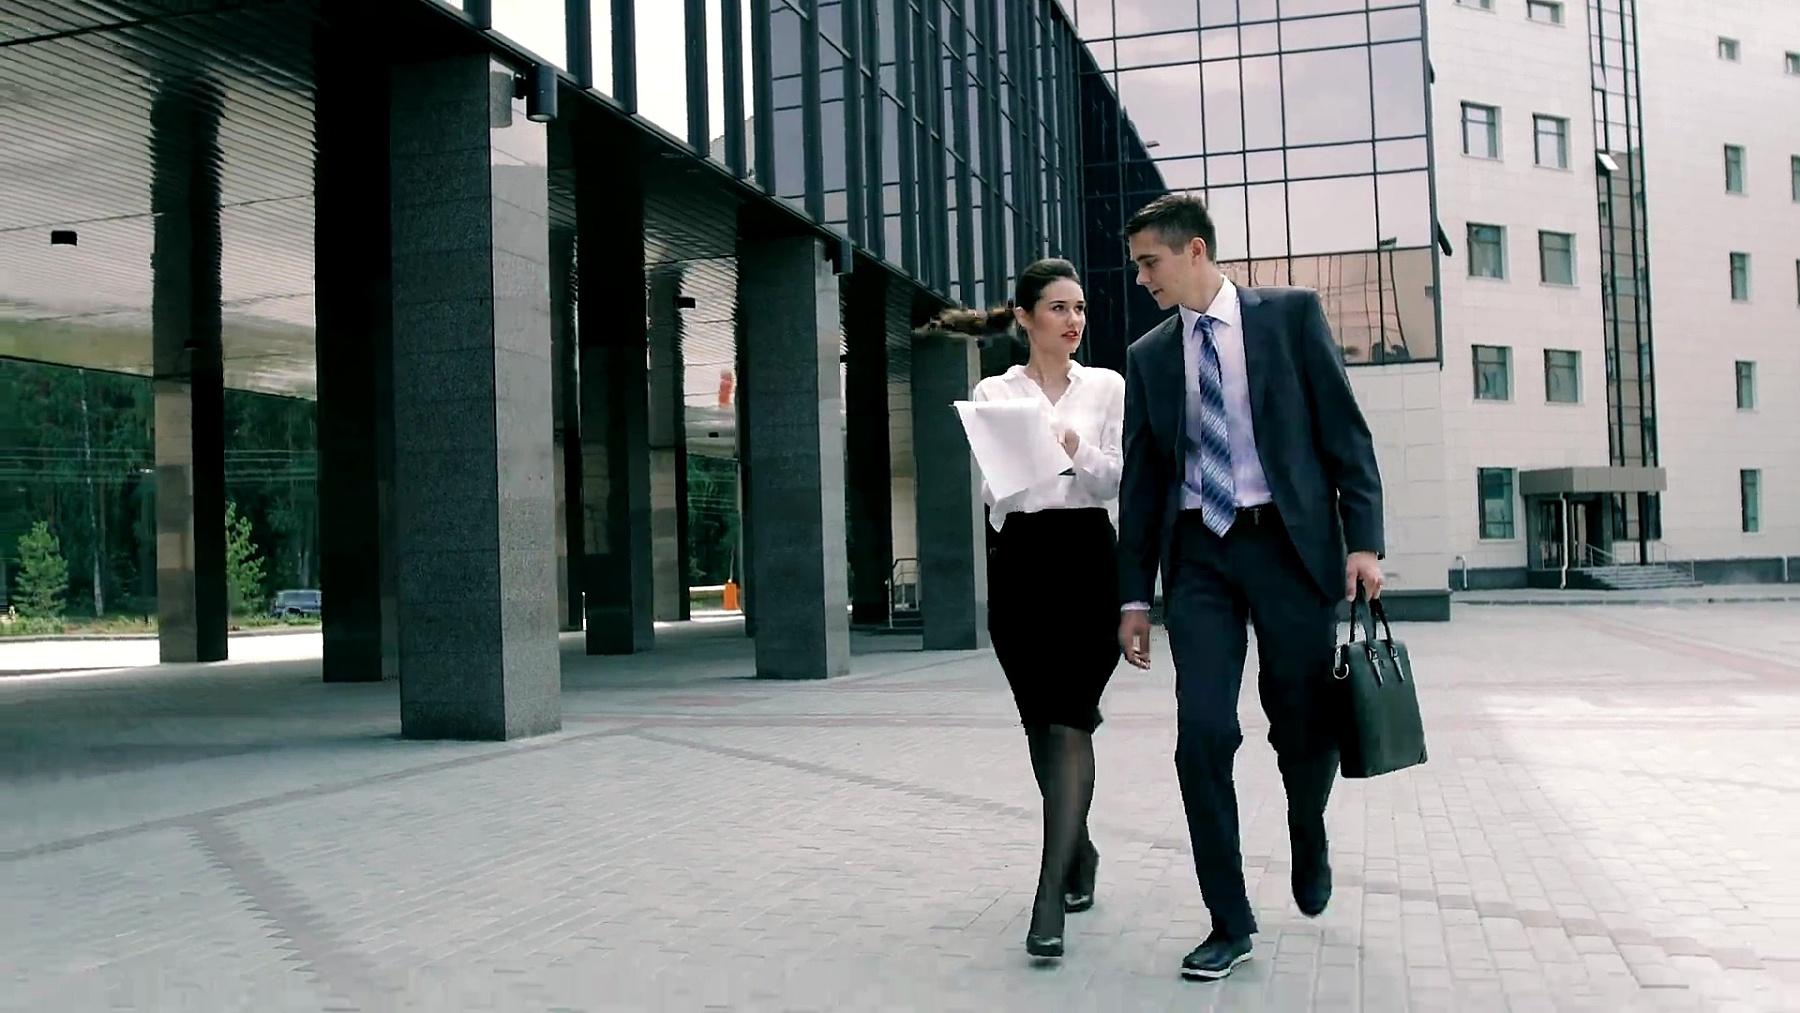 一个成功的商人和他的助手步行去商务中心